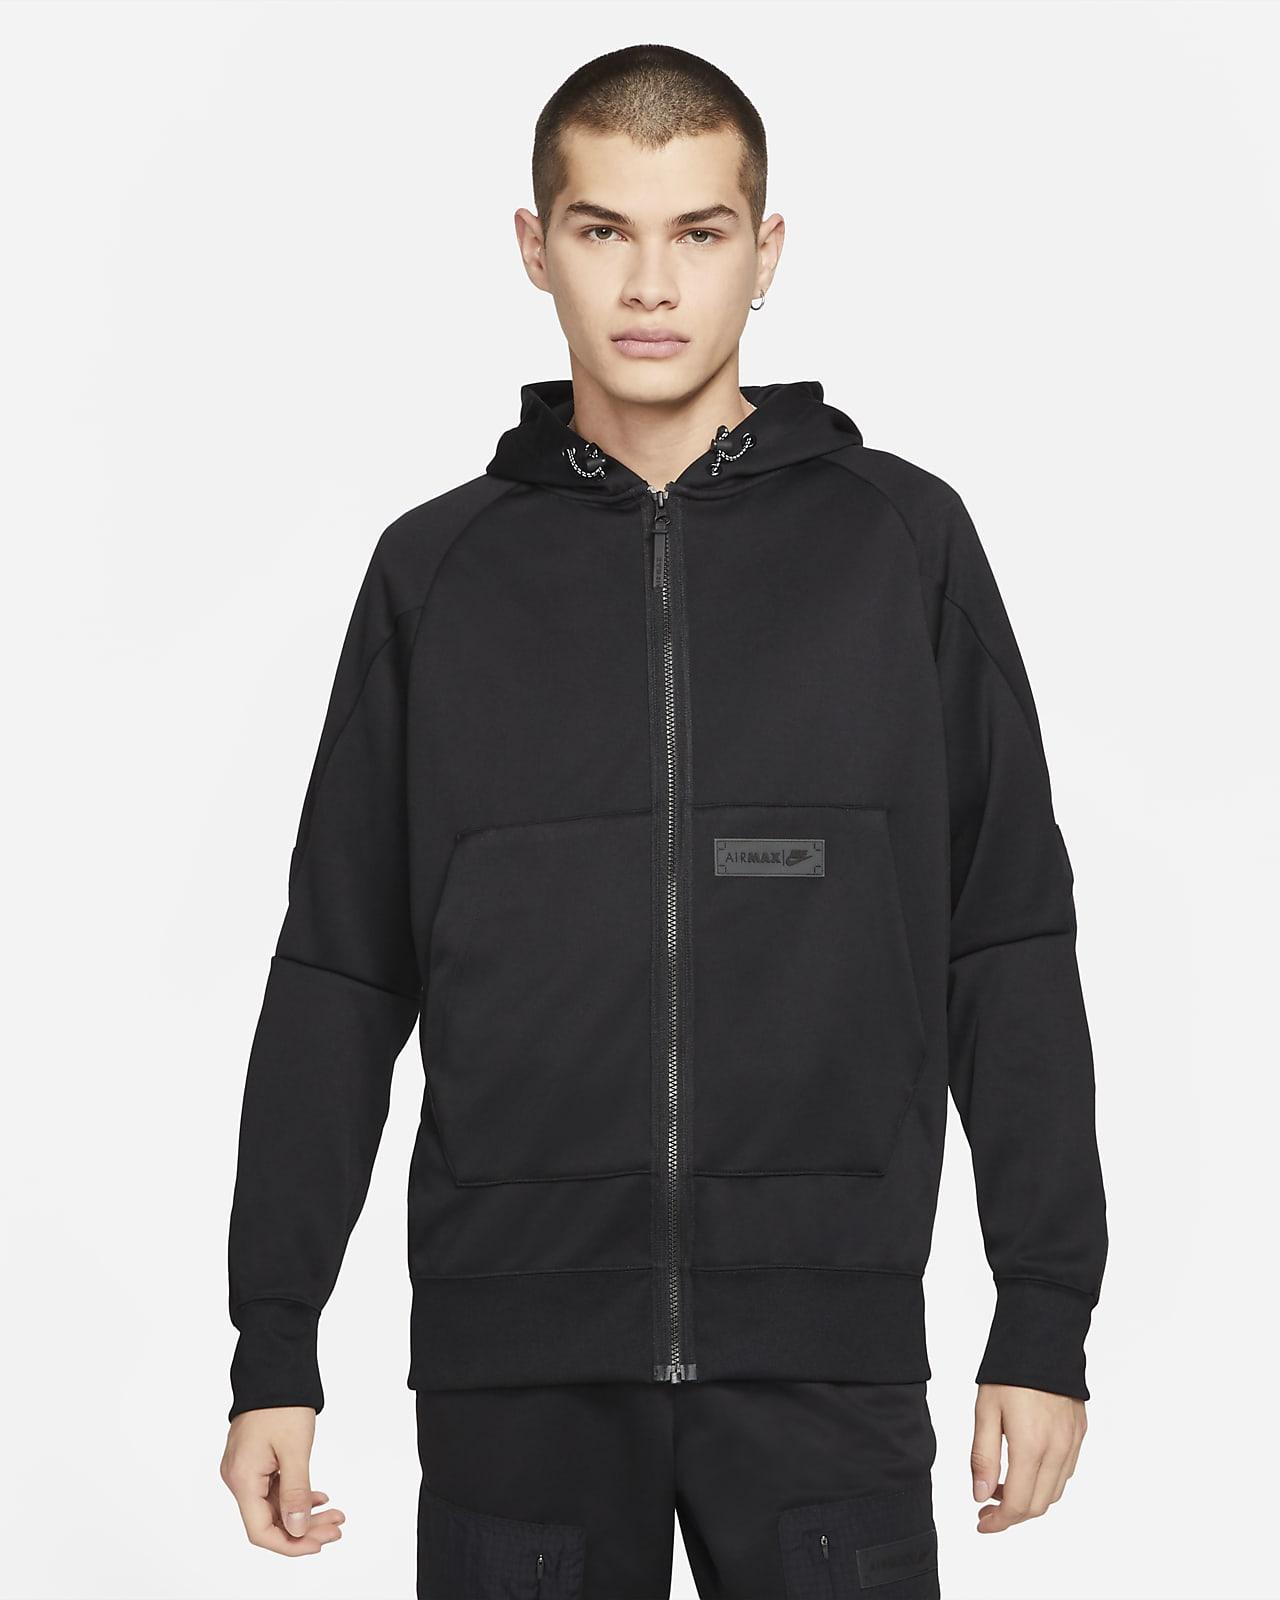 Sweat à capuche entièrement zippé Nike Sportswear Air Max pour Homme